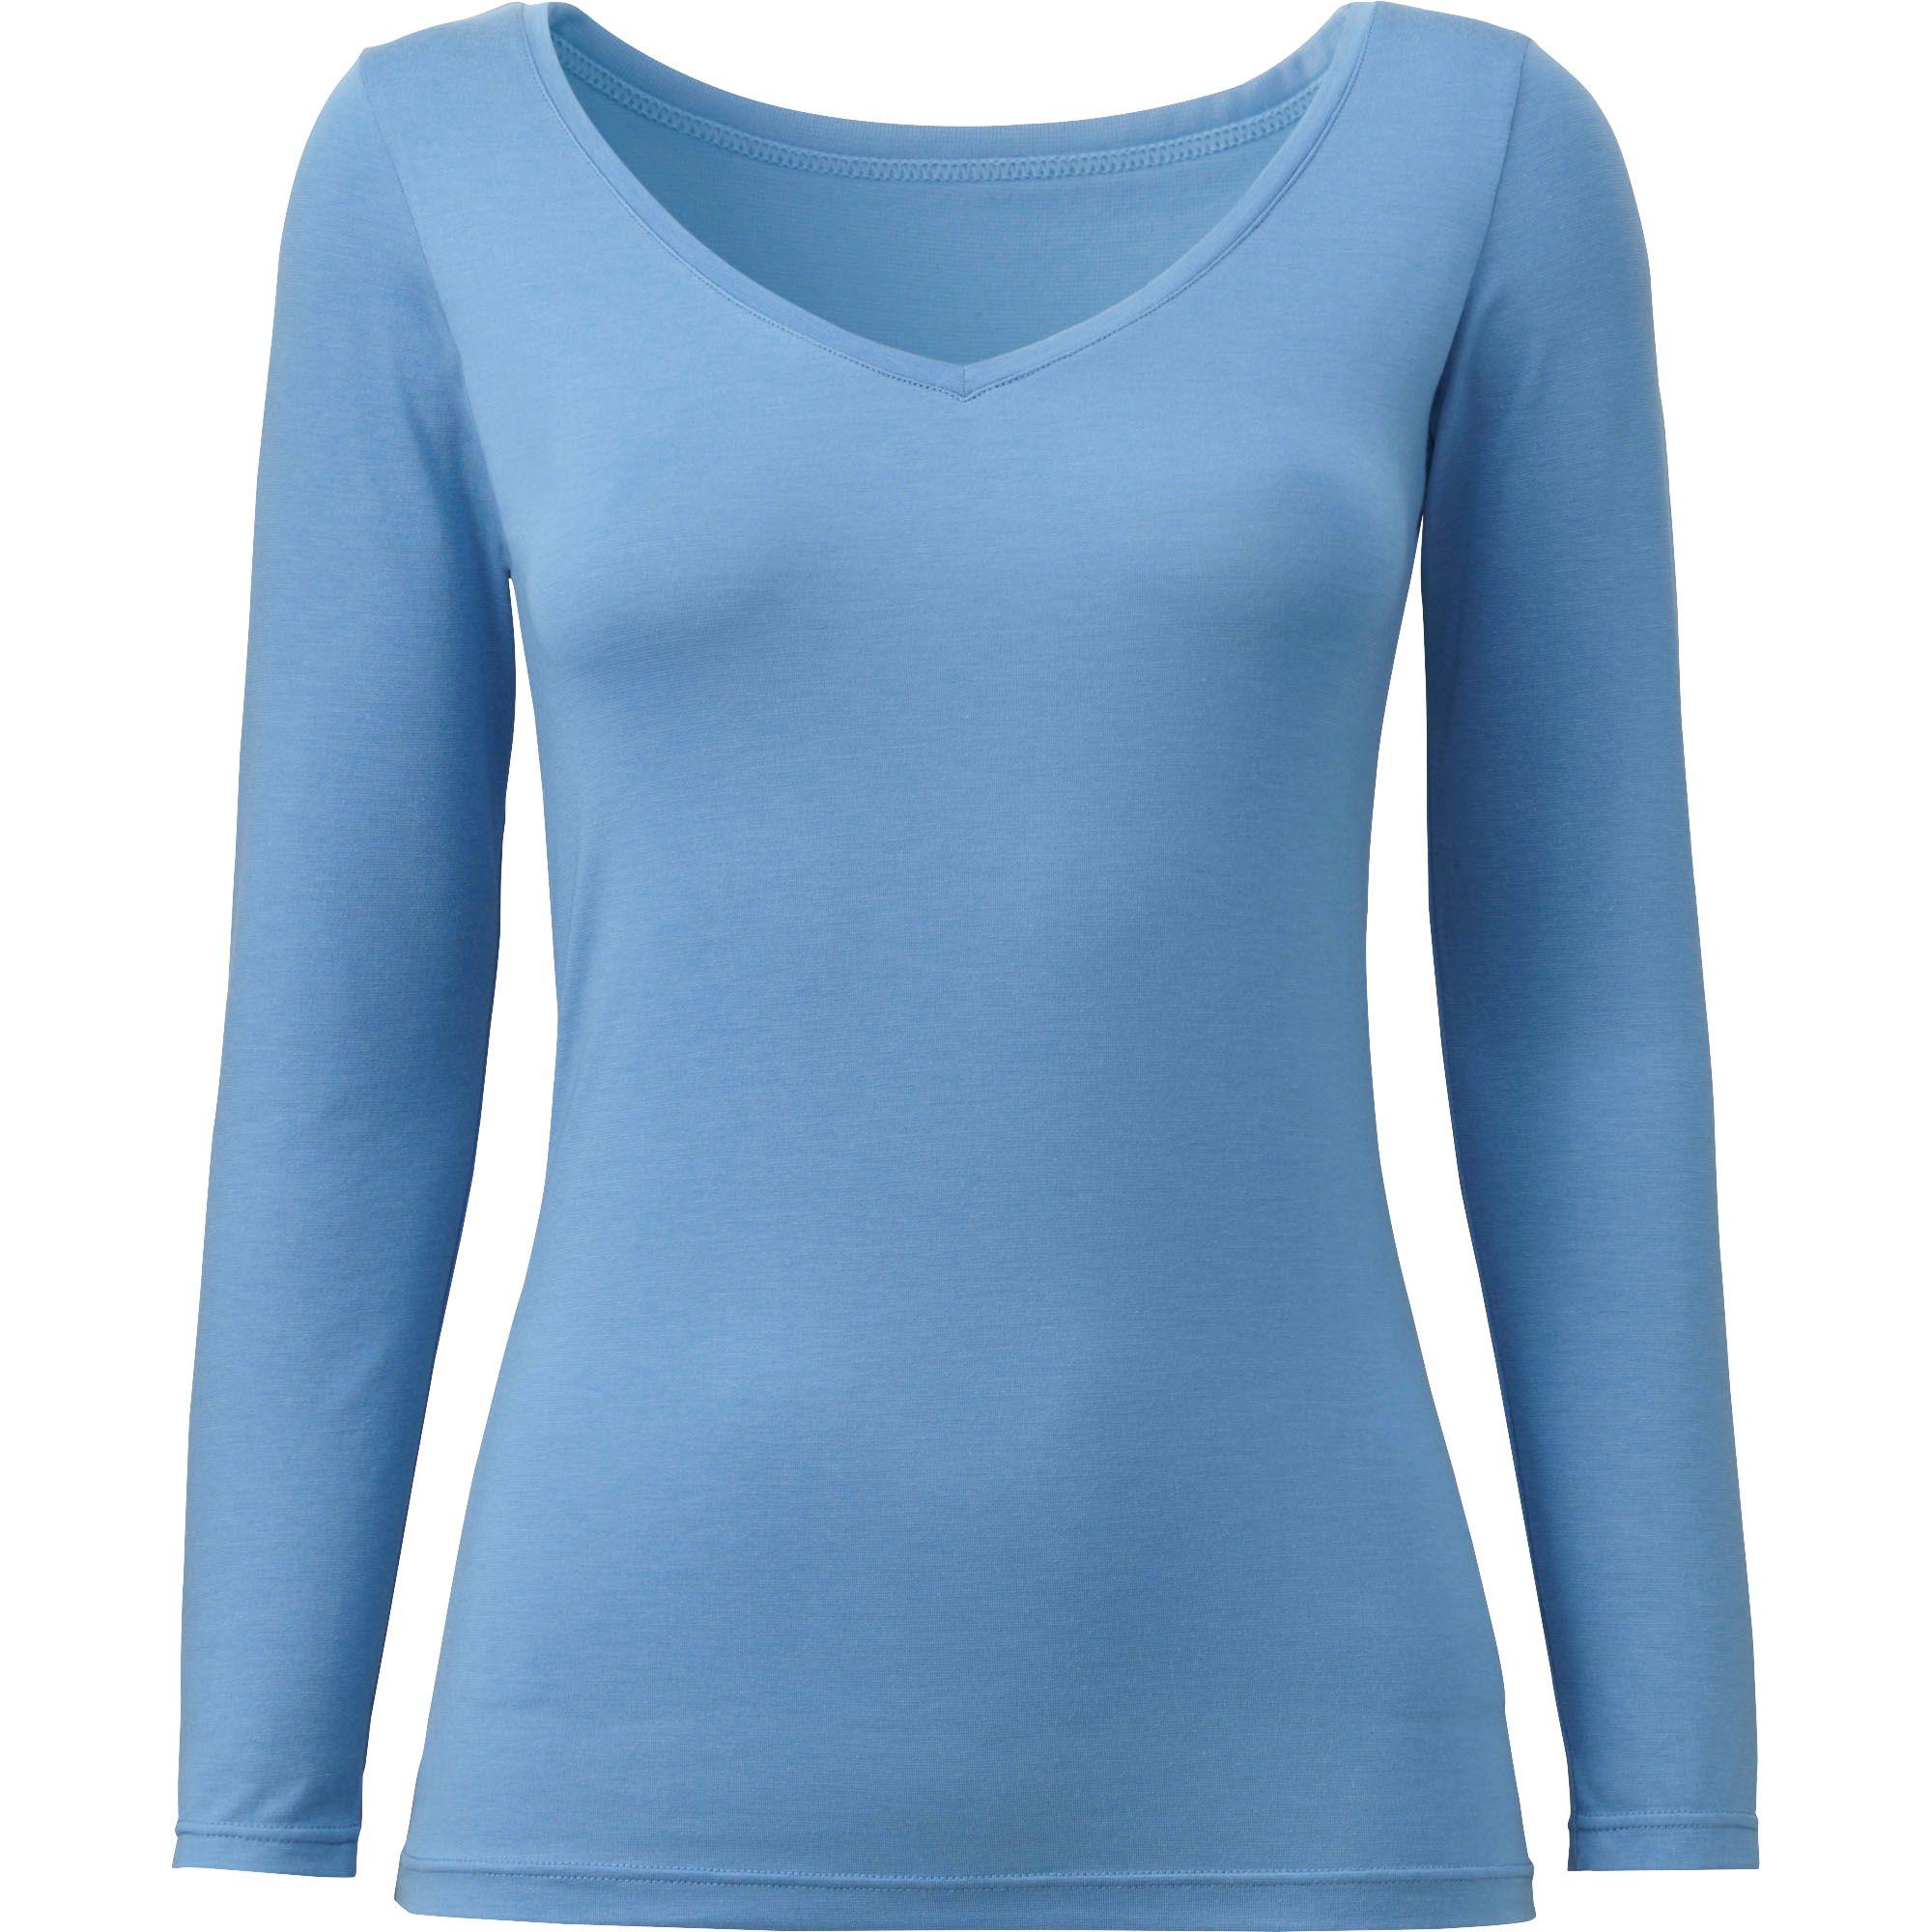 Uniqlo Women Heattech V Neck Long Sleeve T Shirt In Blue